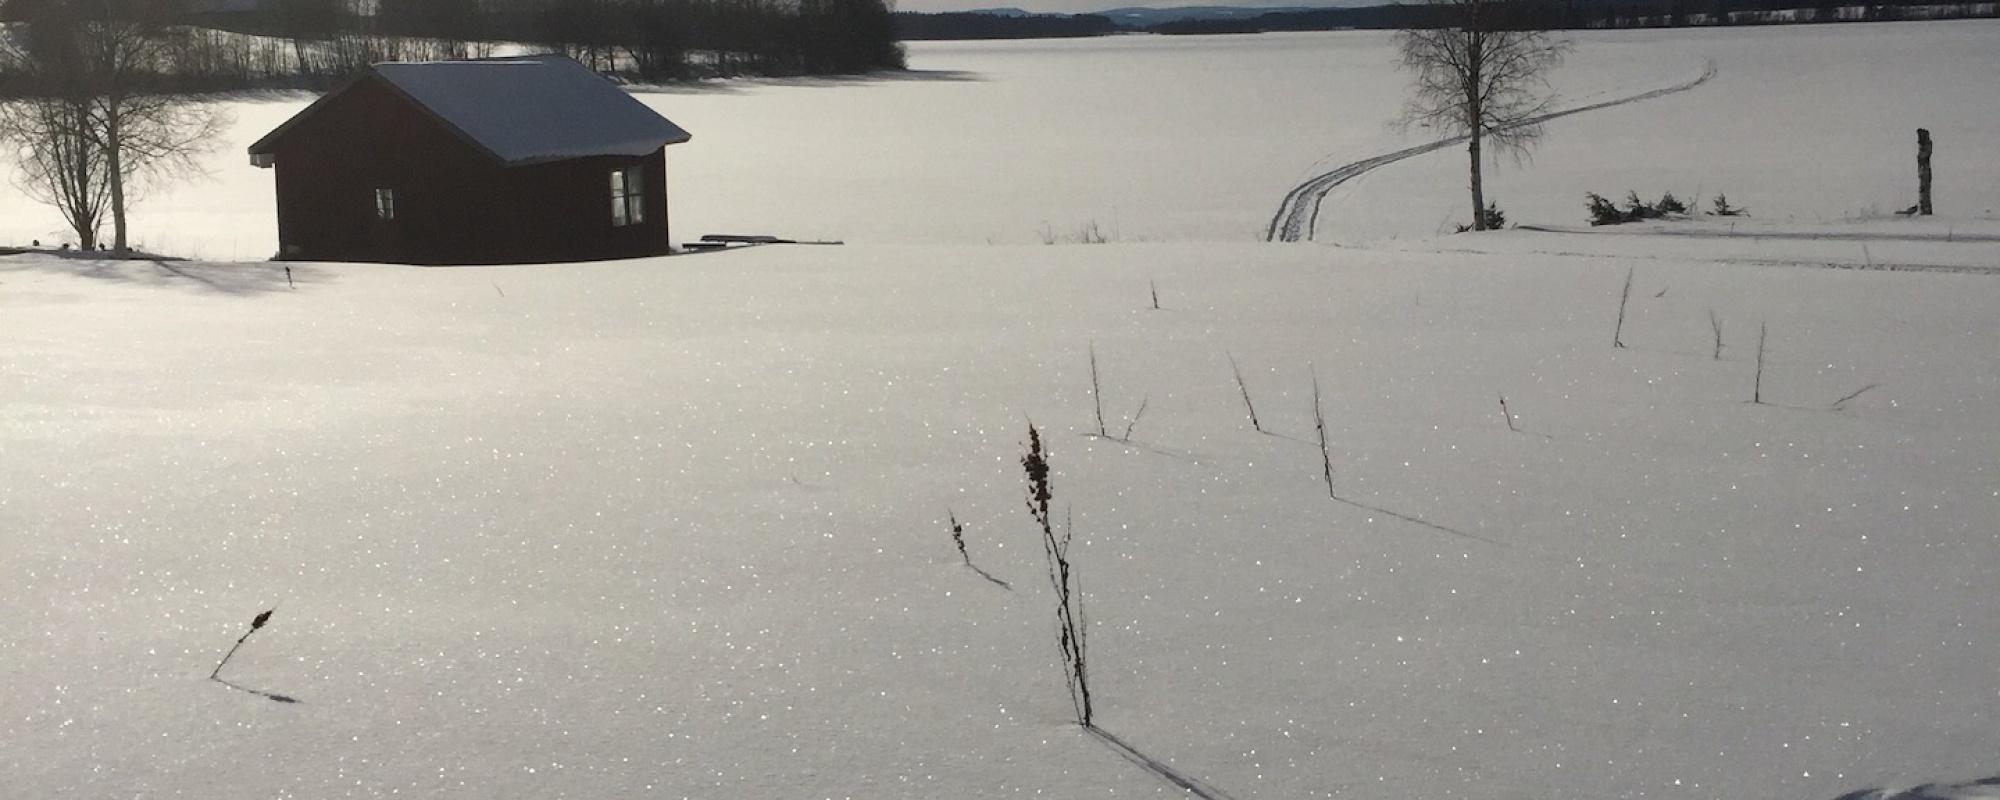 Vinter Digital Detox Camp Villa Insikt